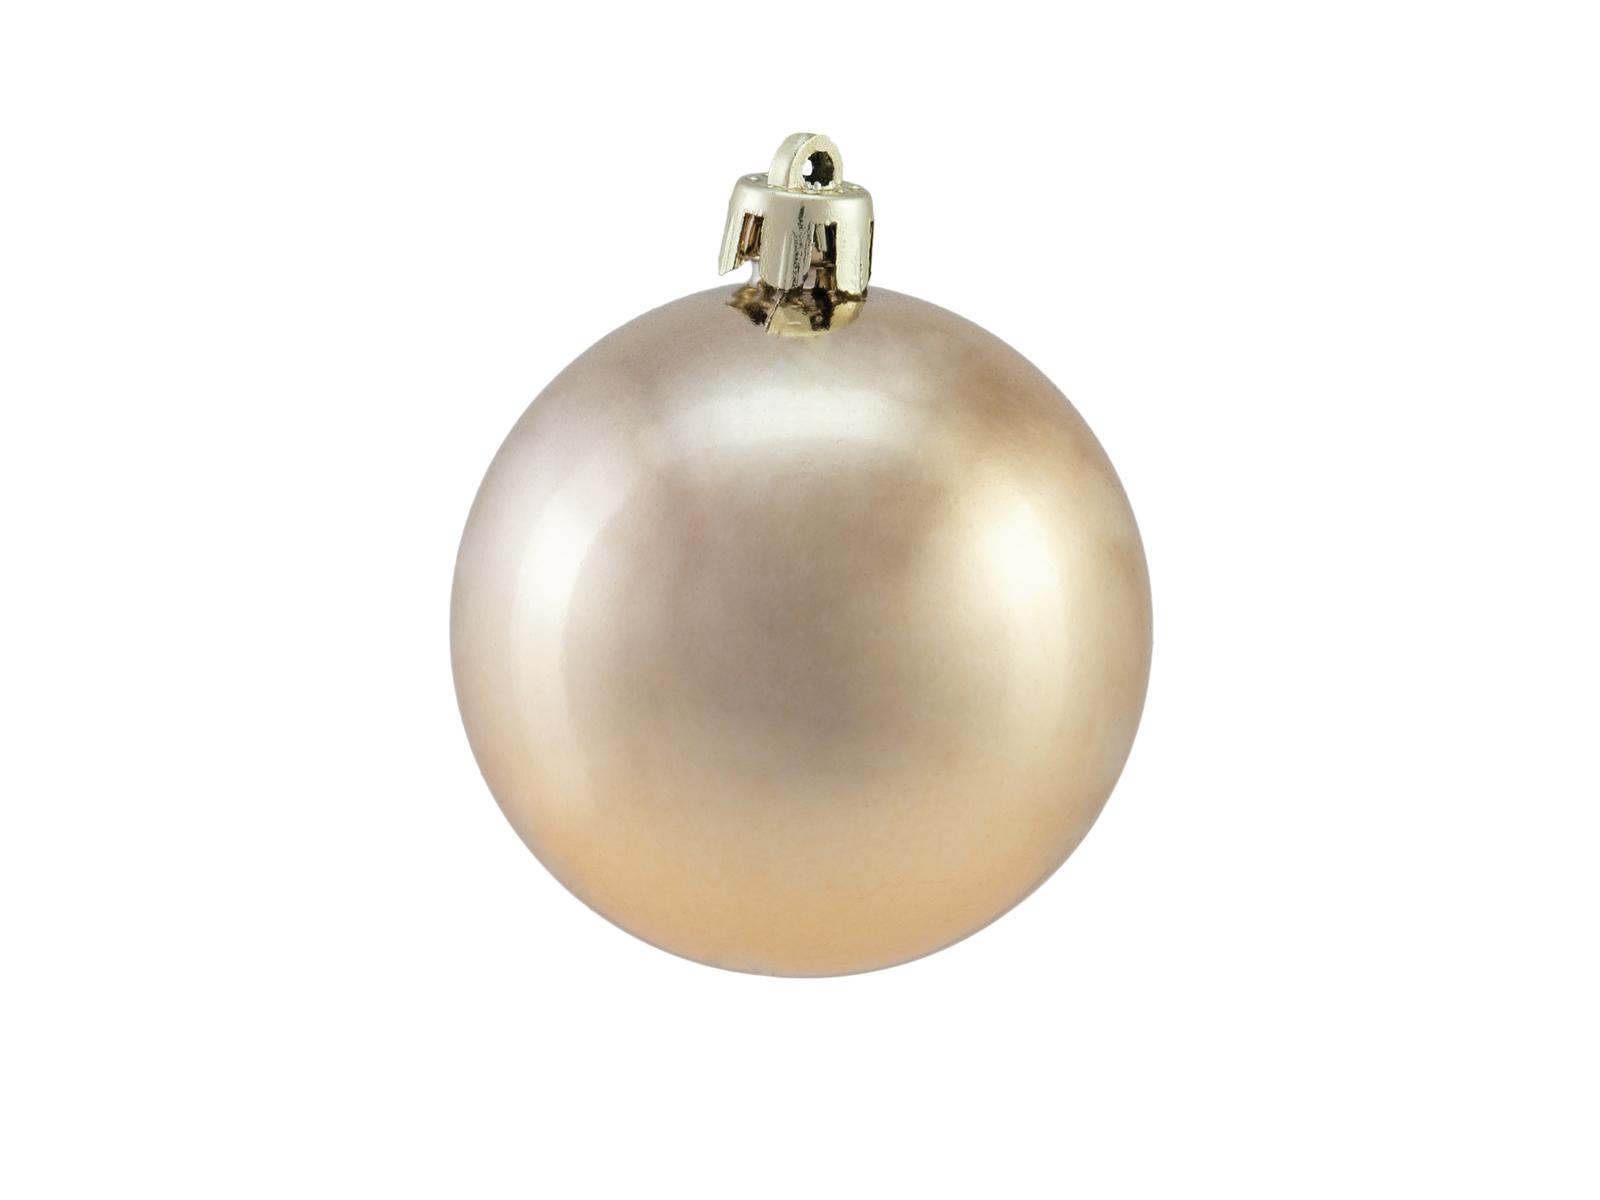 Vánoční dekorační ozdoby, 6 cm, měděná metalíza, 6 ks